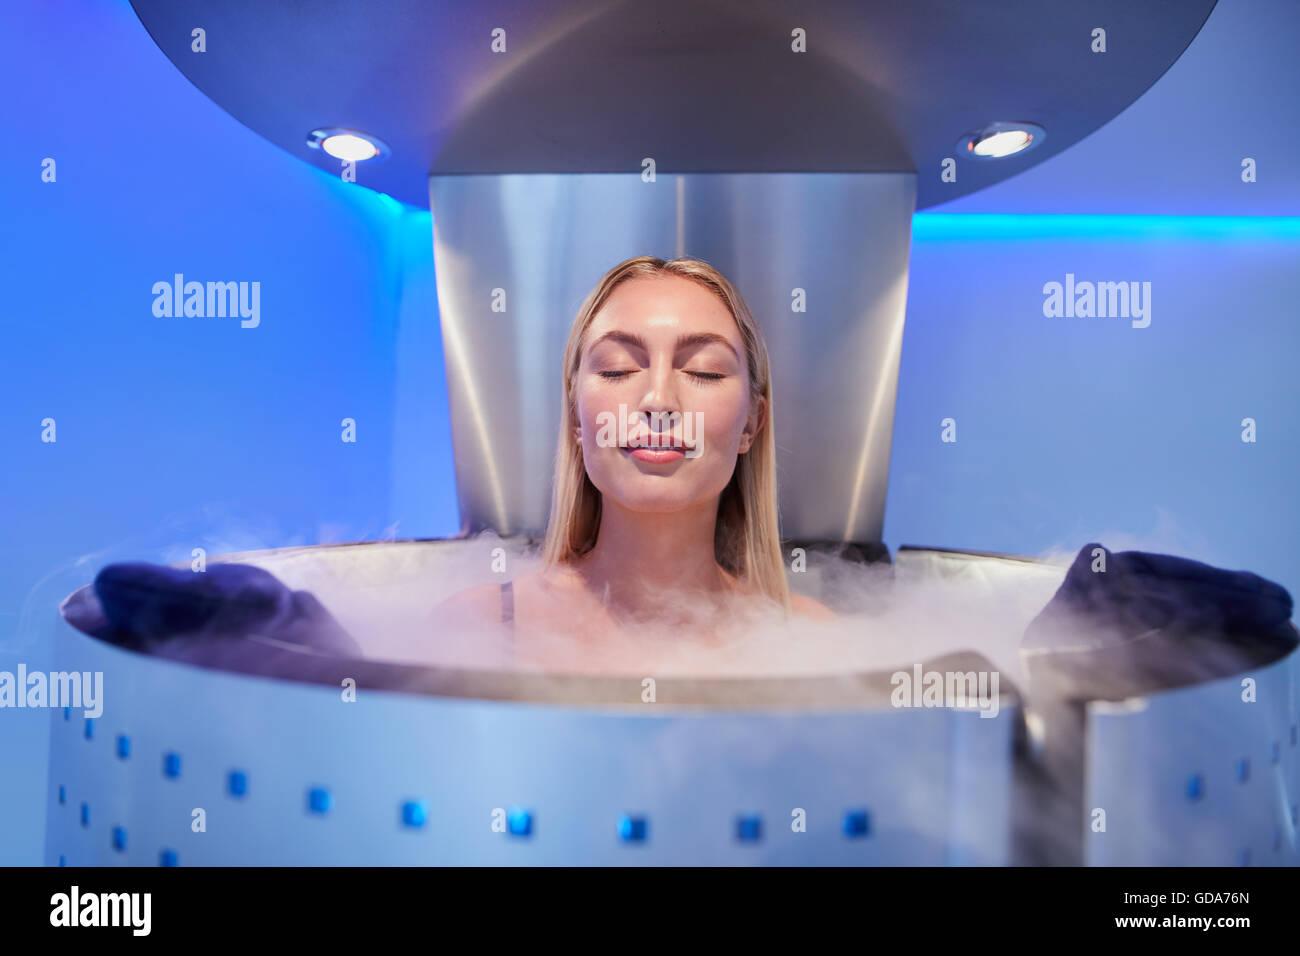 Portrait de jeune femme dans une cabine avec la cryothérapie corps entier les yeux fermés. Cryosauna chambre Photo Stock